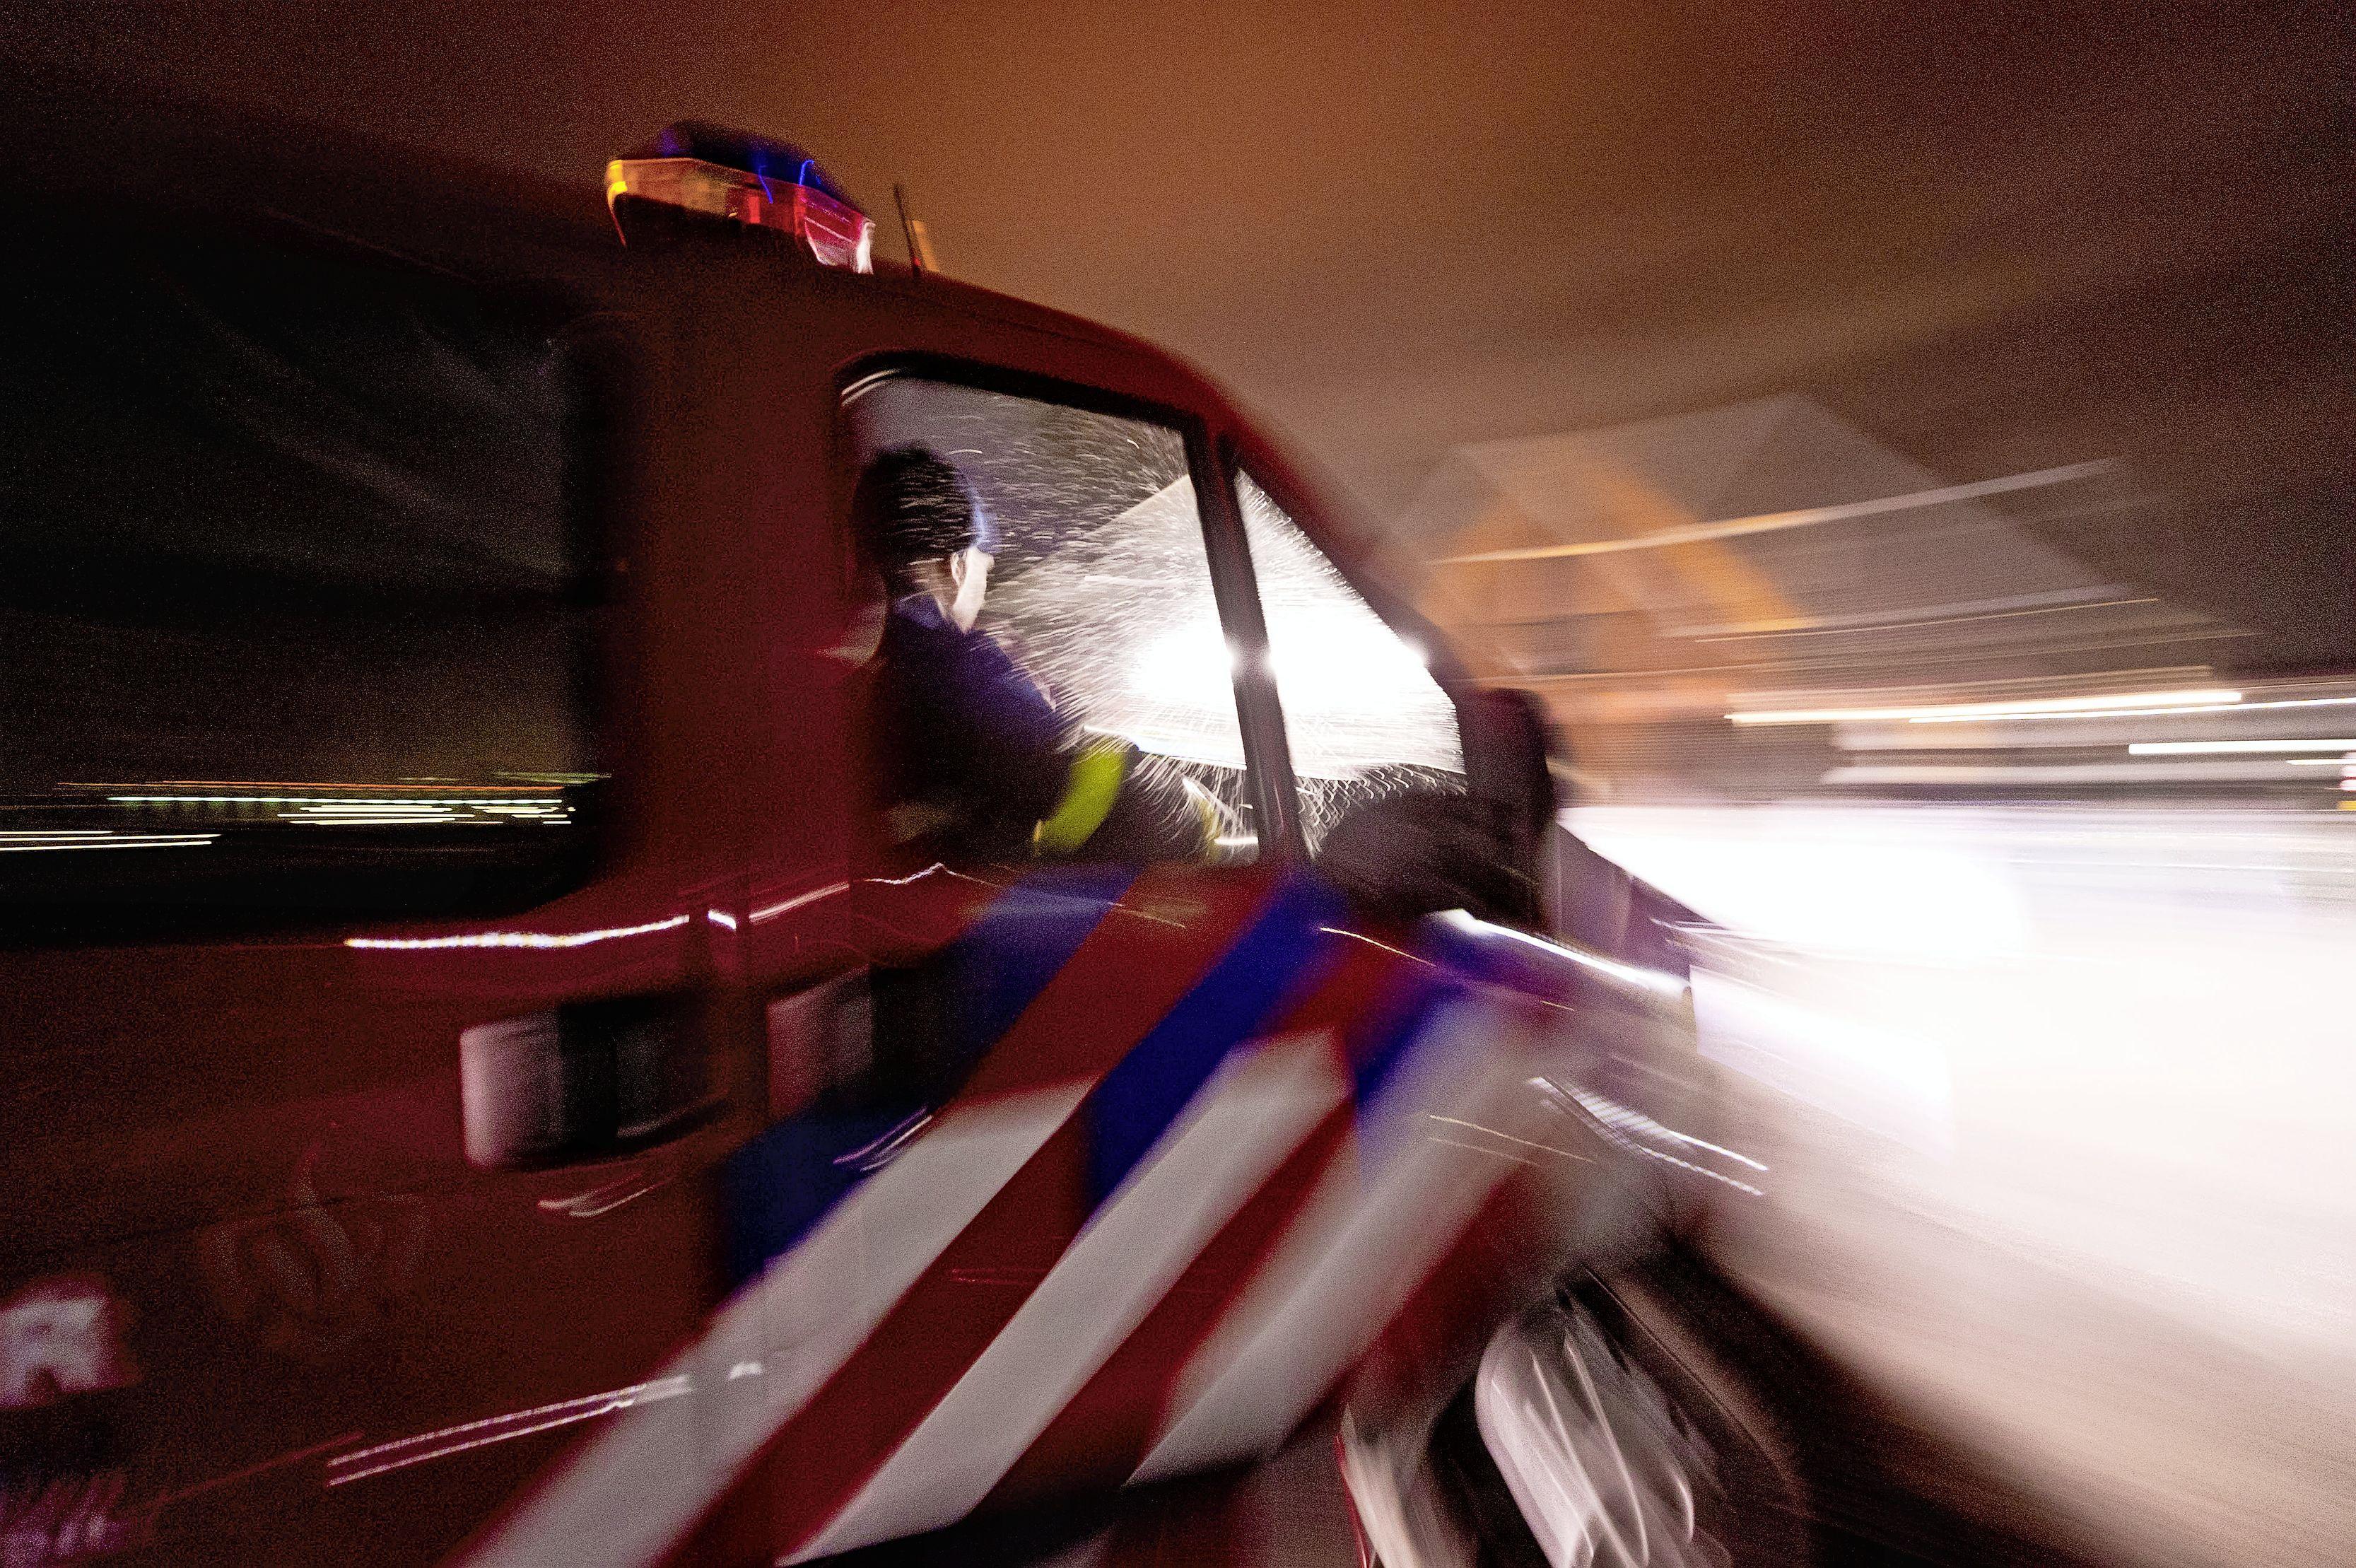 Poging tot brandstichting met vermoedelijk molotovcocktail in woning aan Kalverstraat in IJmuiden, twee verdachten zijn spoorloos